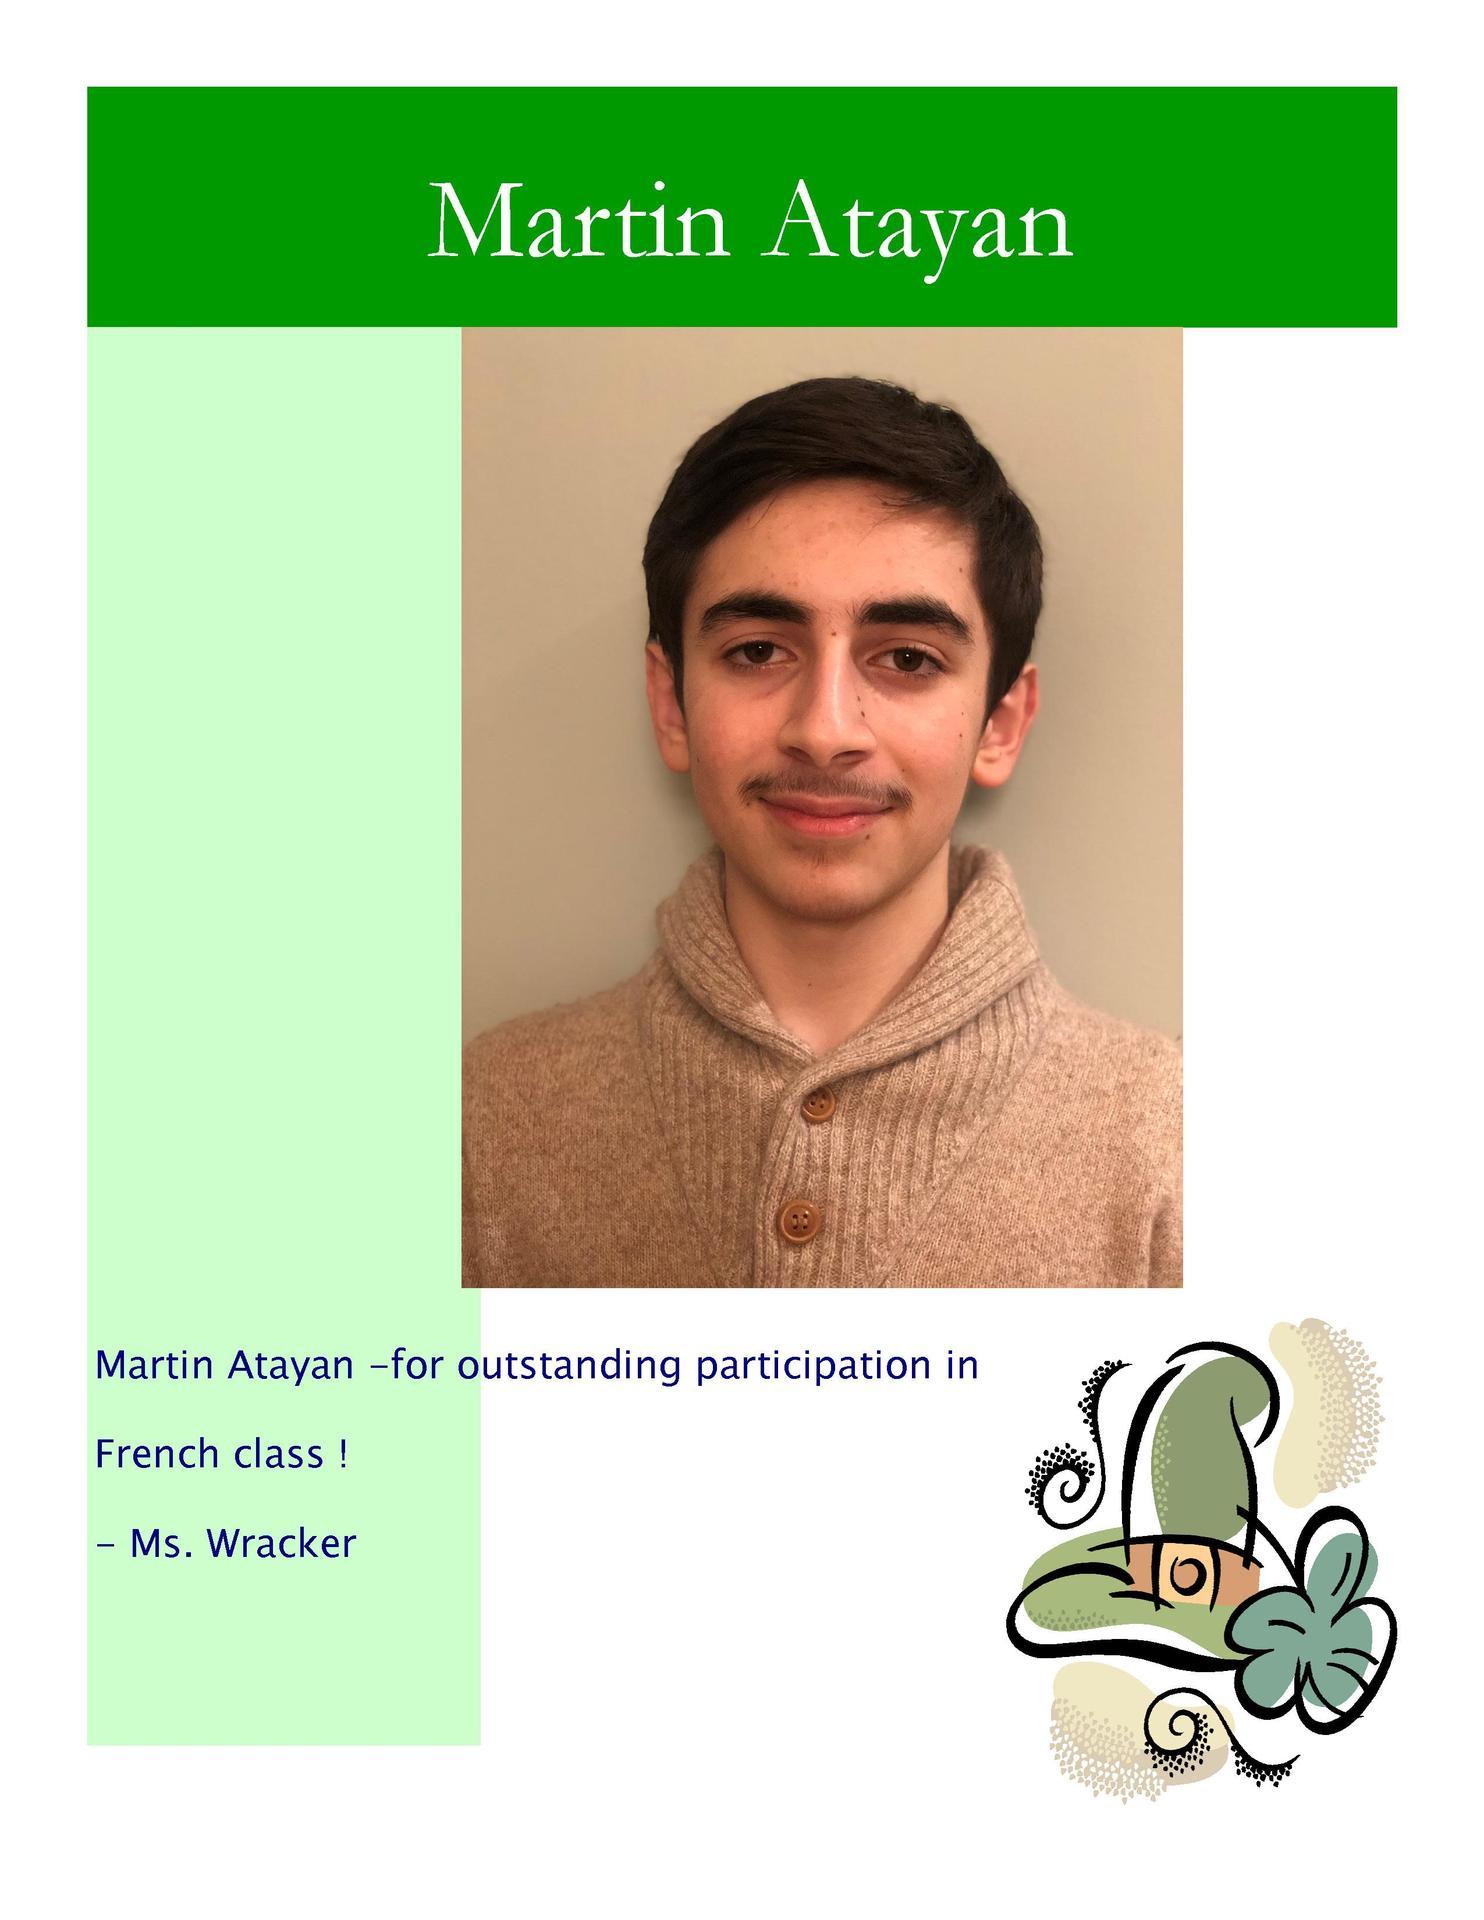 Image of Martin Atayan